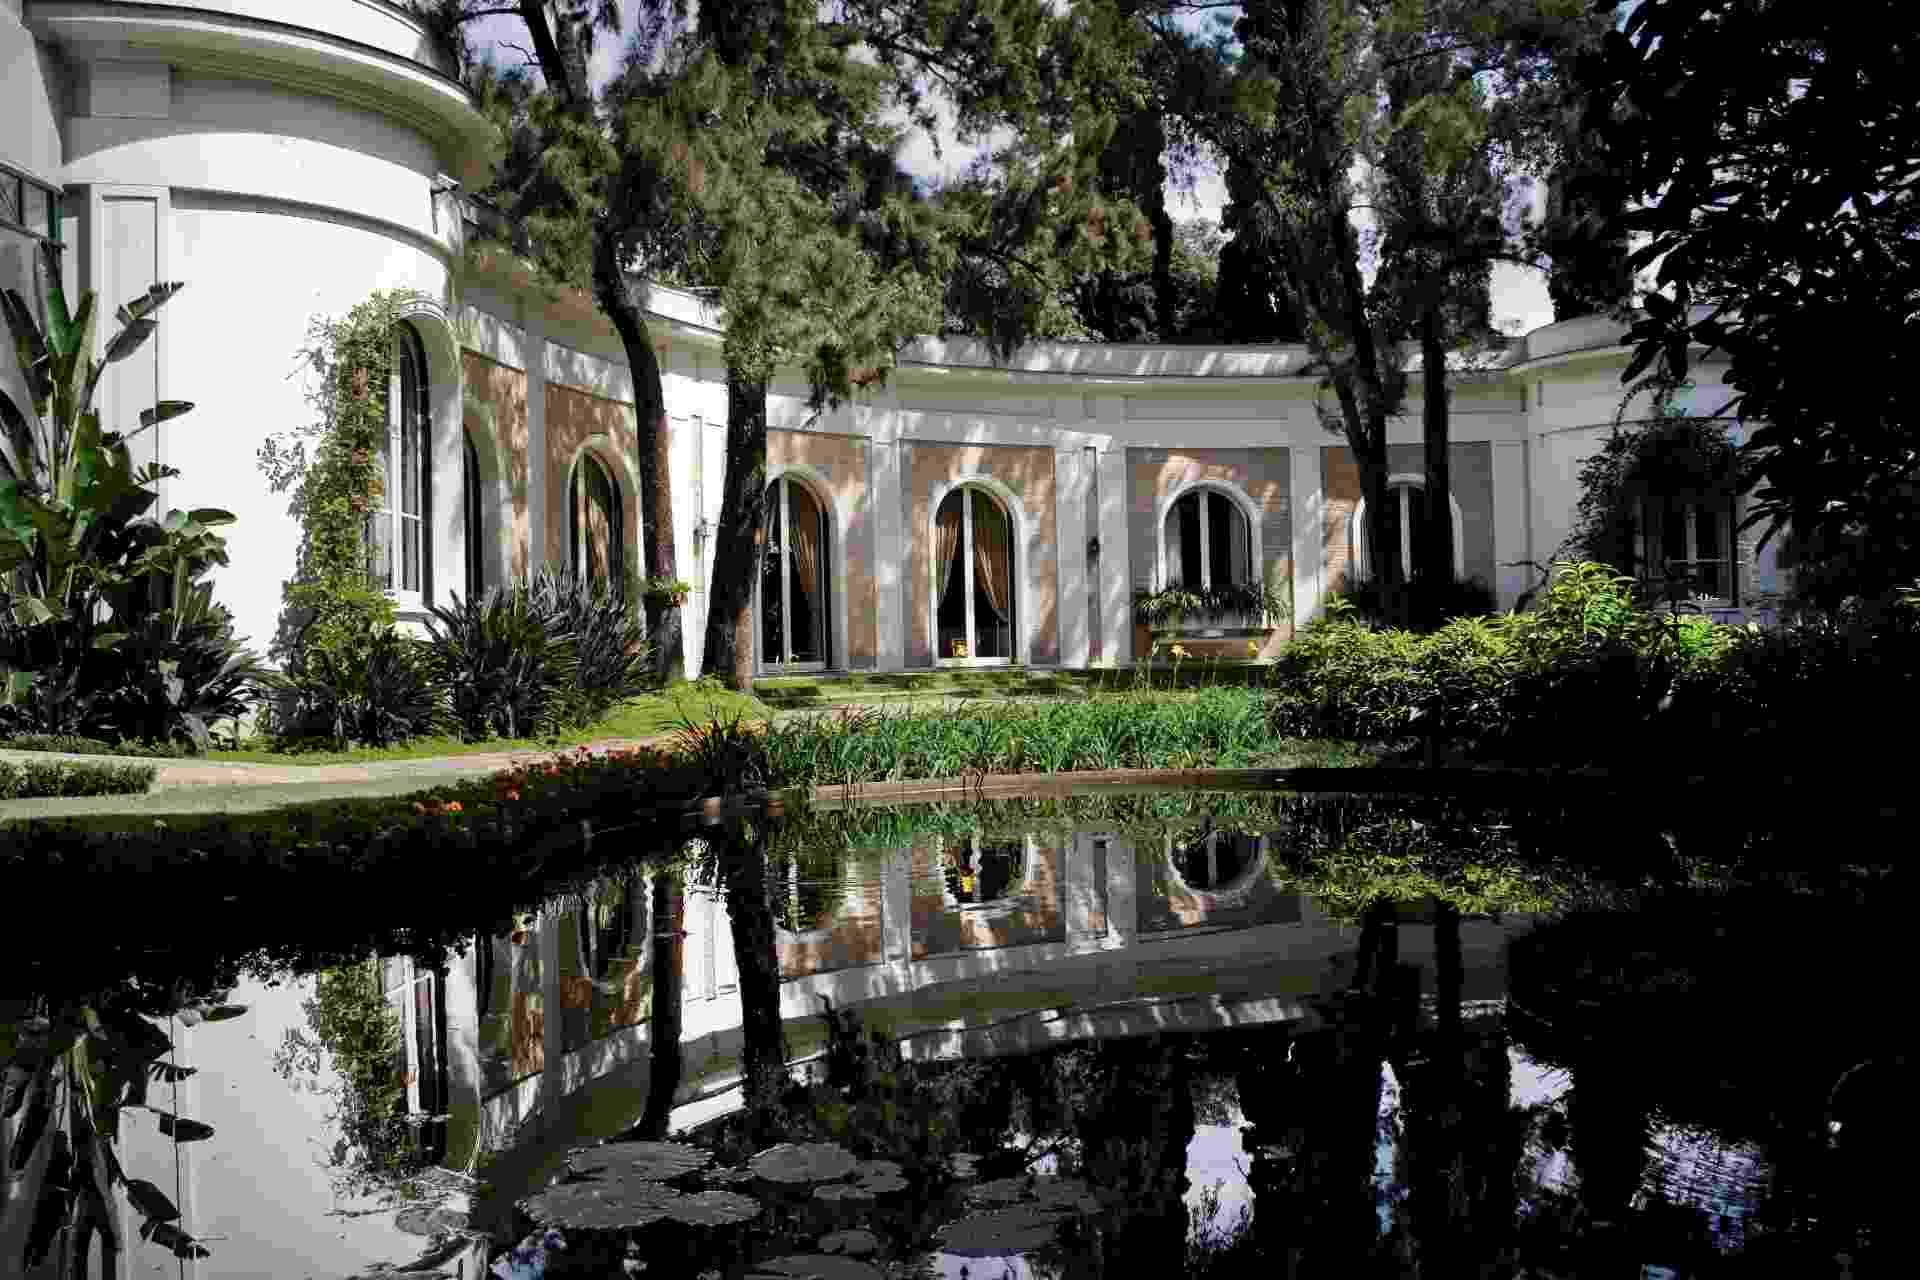 O imóvel sede da Fundação Ema Klabin (www.emaklabin.org.br) no Jardim Europa, em São Paulo, foi projetado e construído pelo engenheiro e arquiteto Alfredo Ernesto Becker, nos anos 1950, para abrigar a coleção reunida por Ema Klabin, filha de imigrantes lituanos - Divulgação